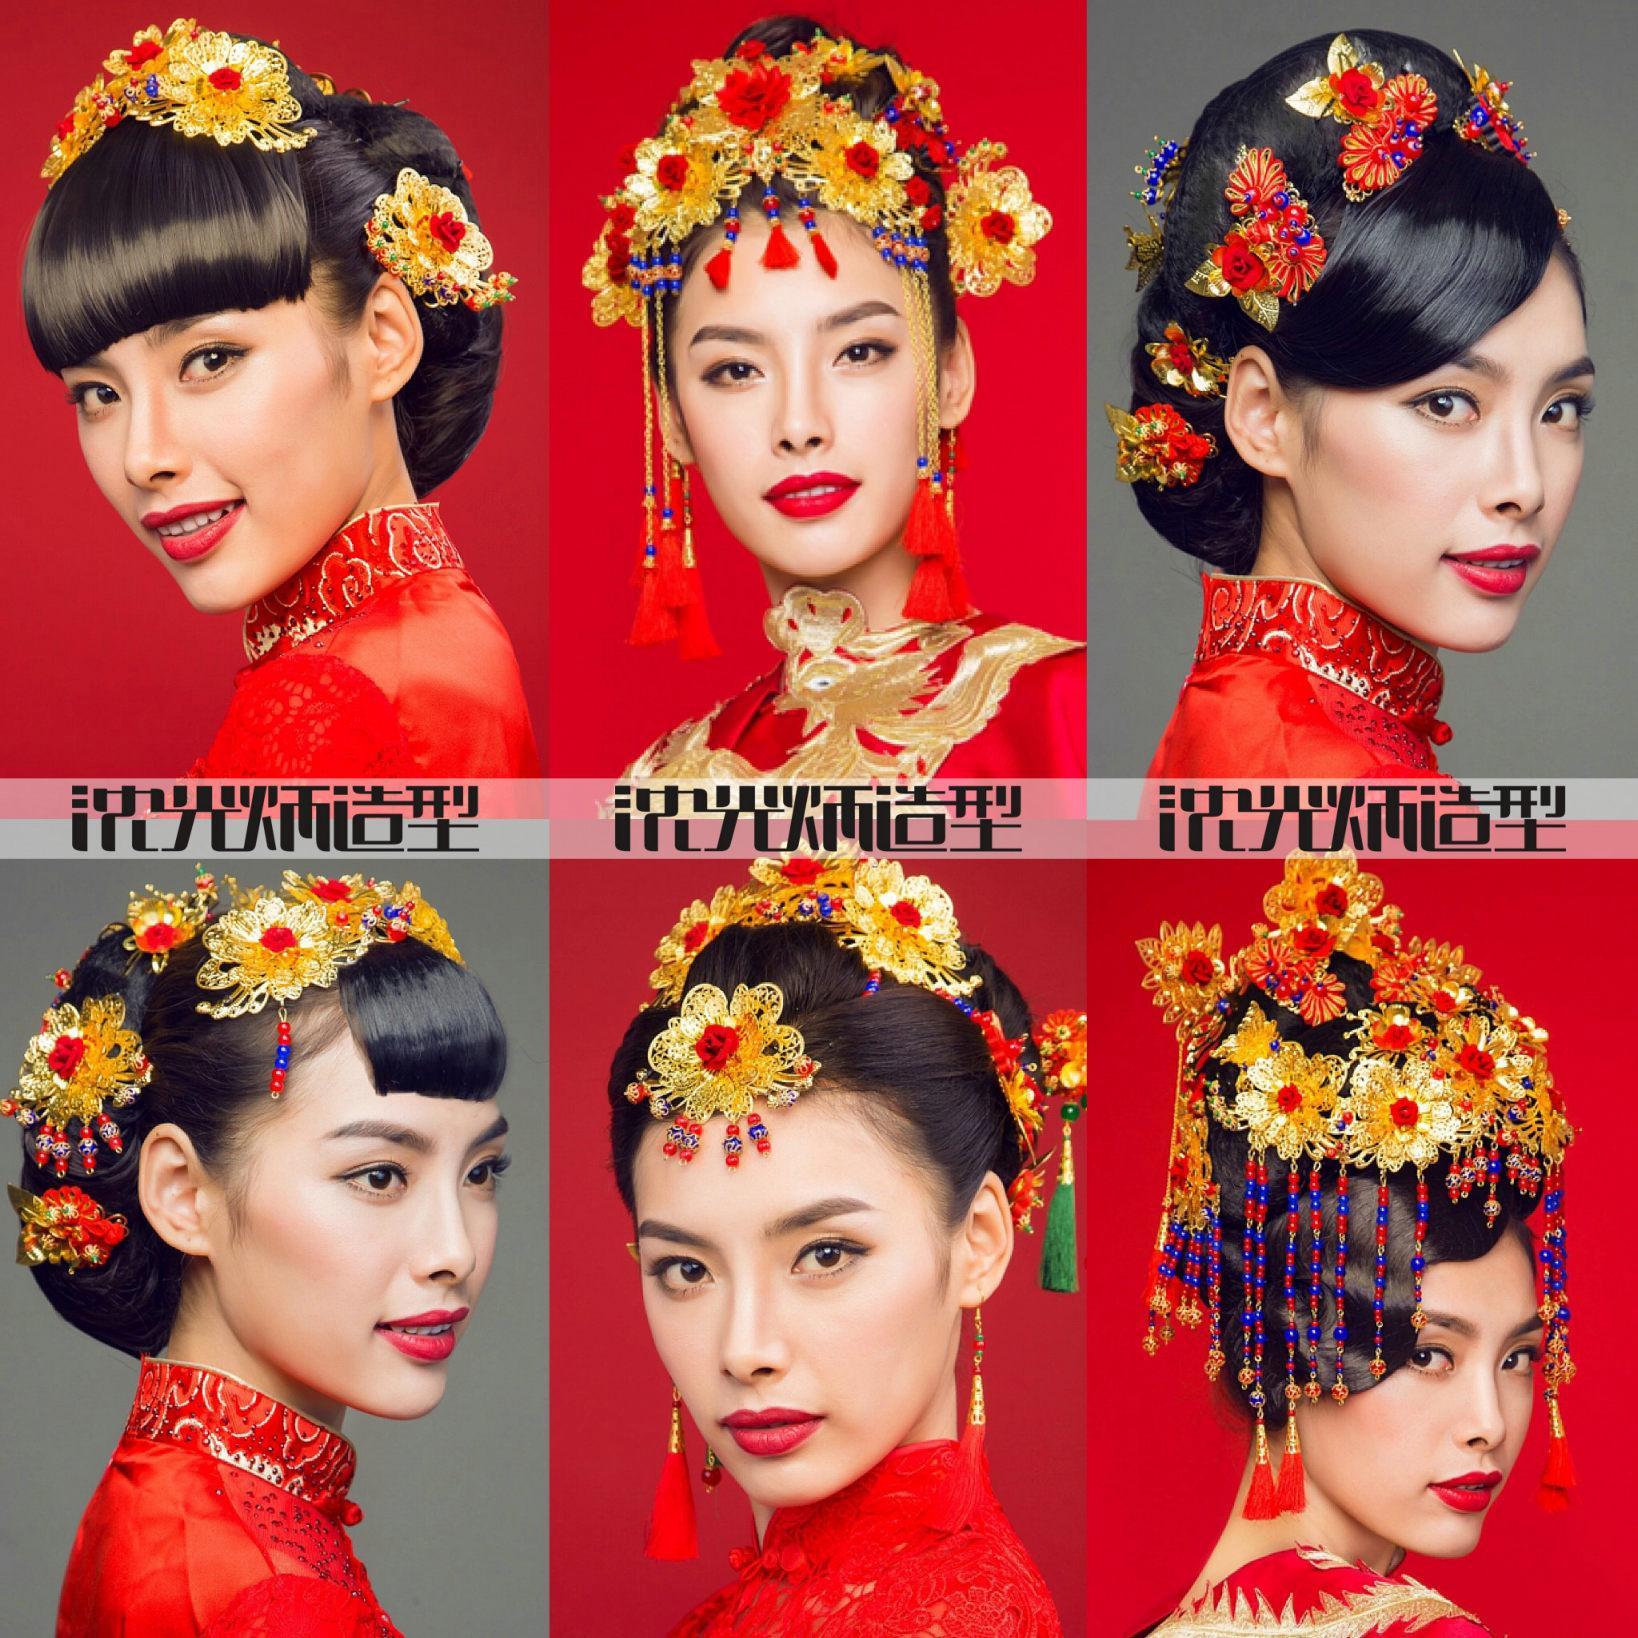 沈光炳造型-韩式新娘发型中式秀禾服化妆新娘造型